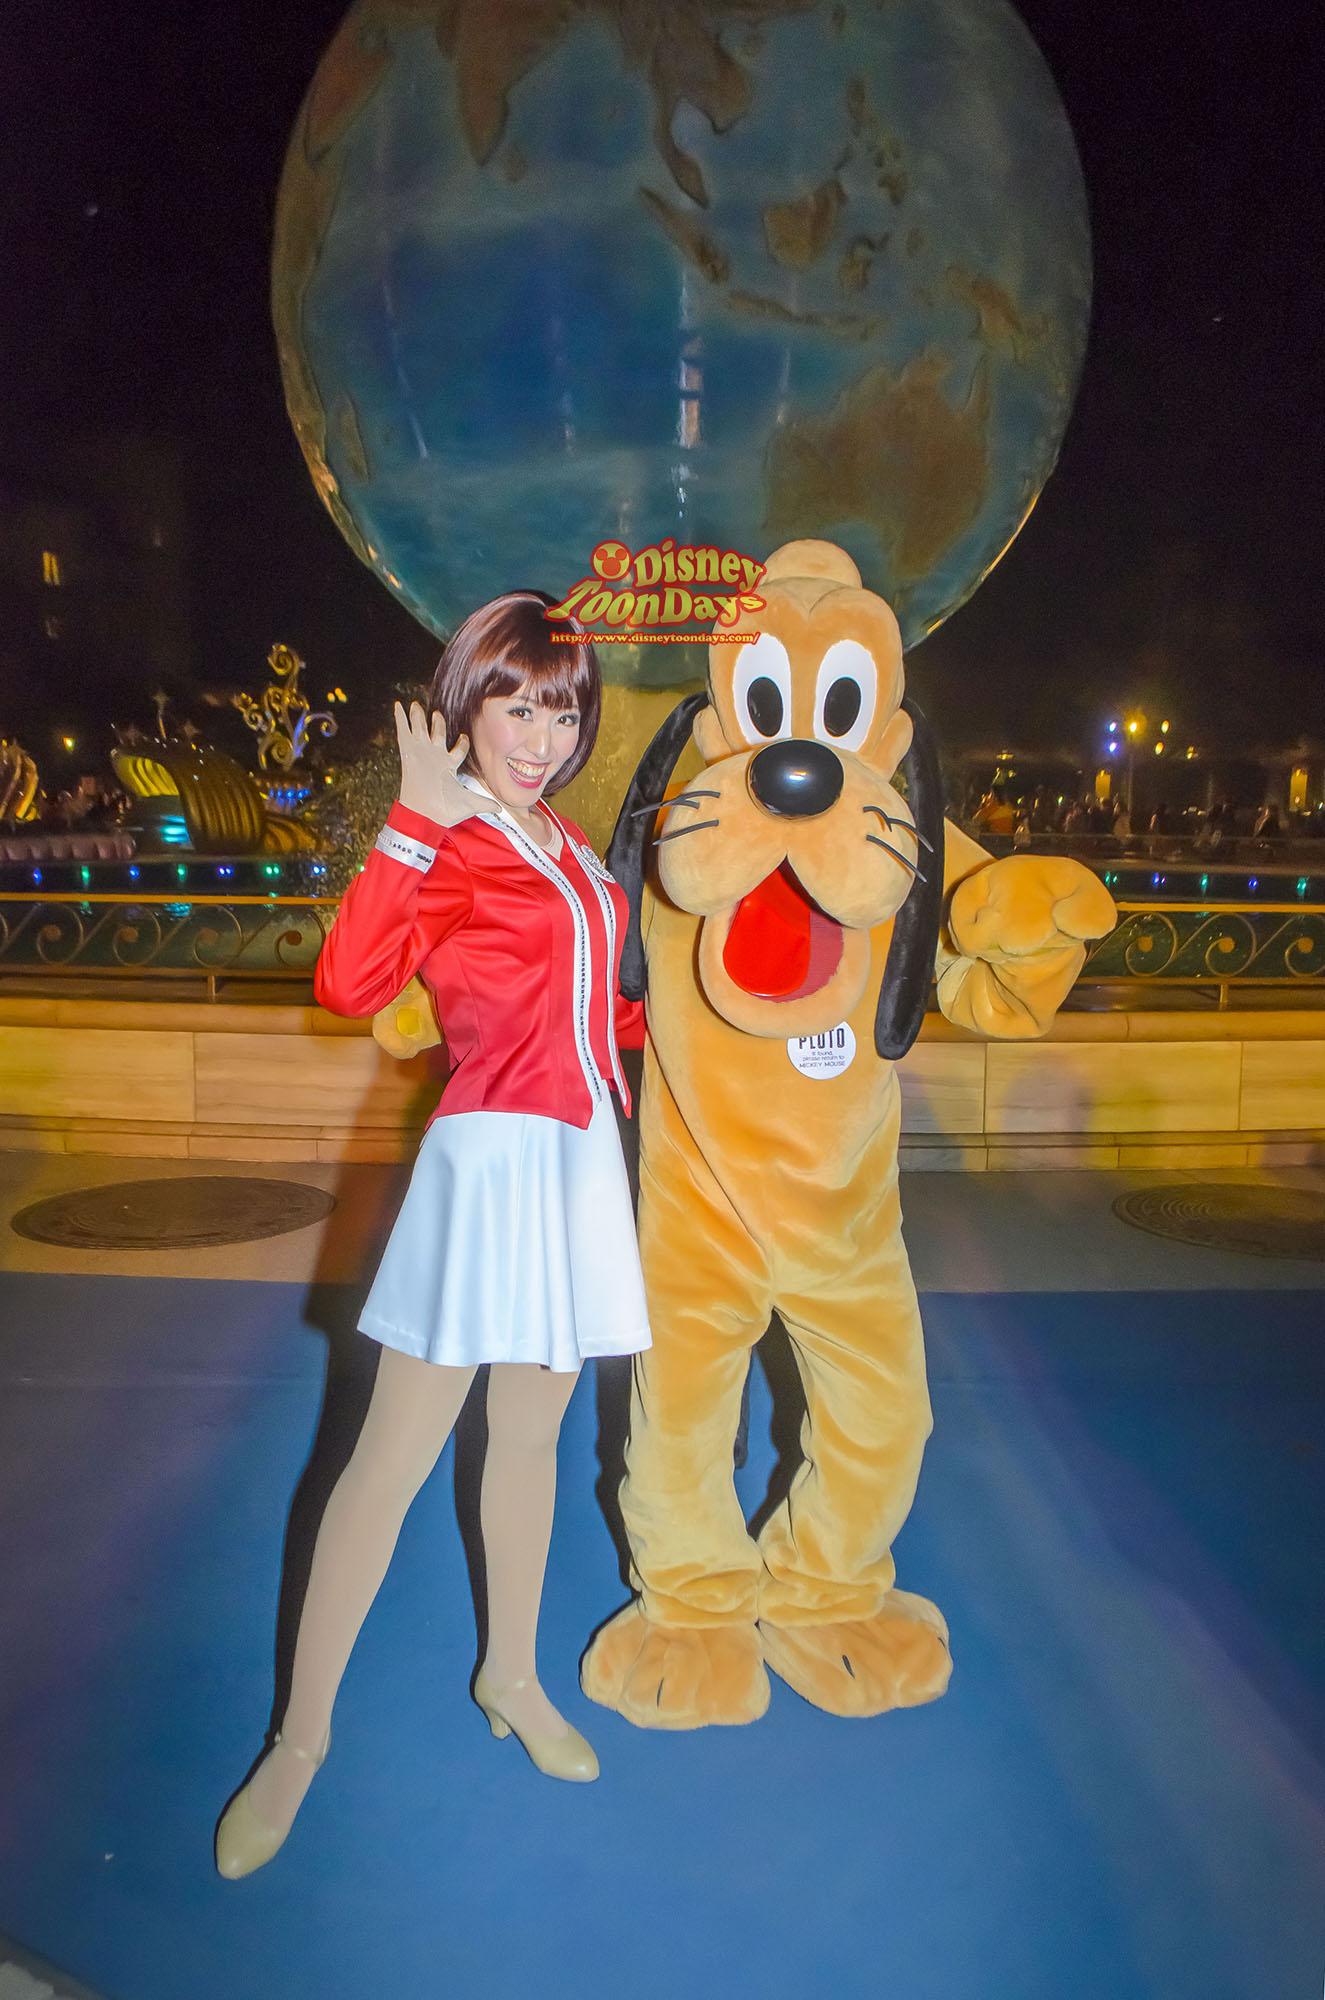 TDS ディズニーチャンネル10周年 プライベートイブニングパーティー プルート